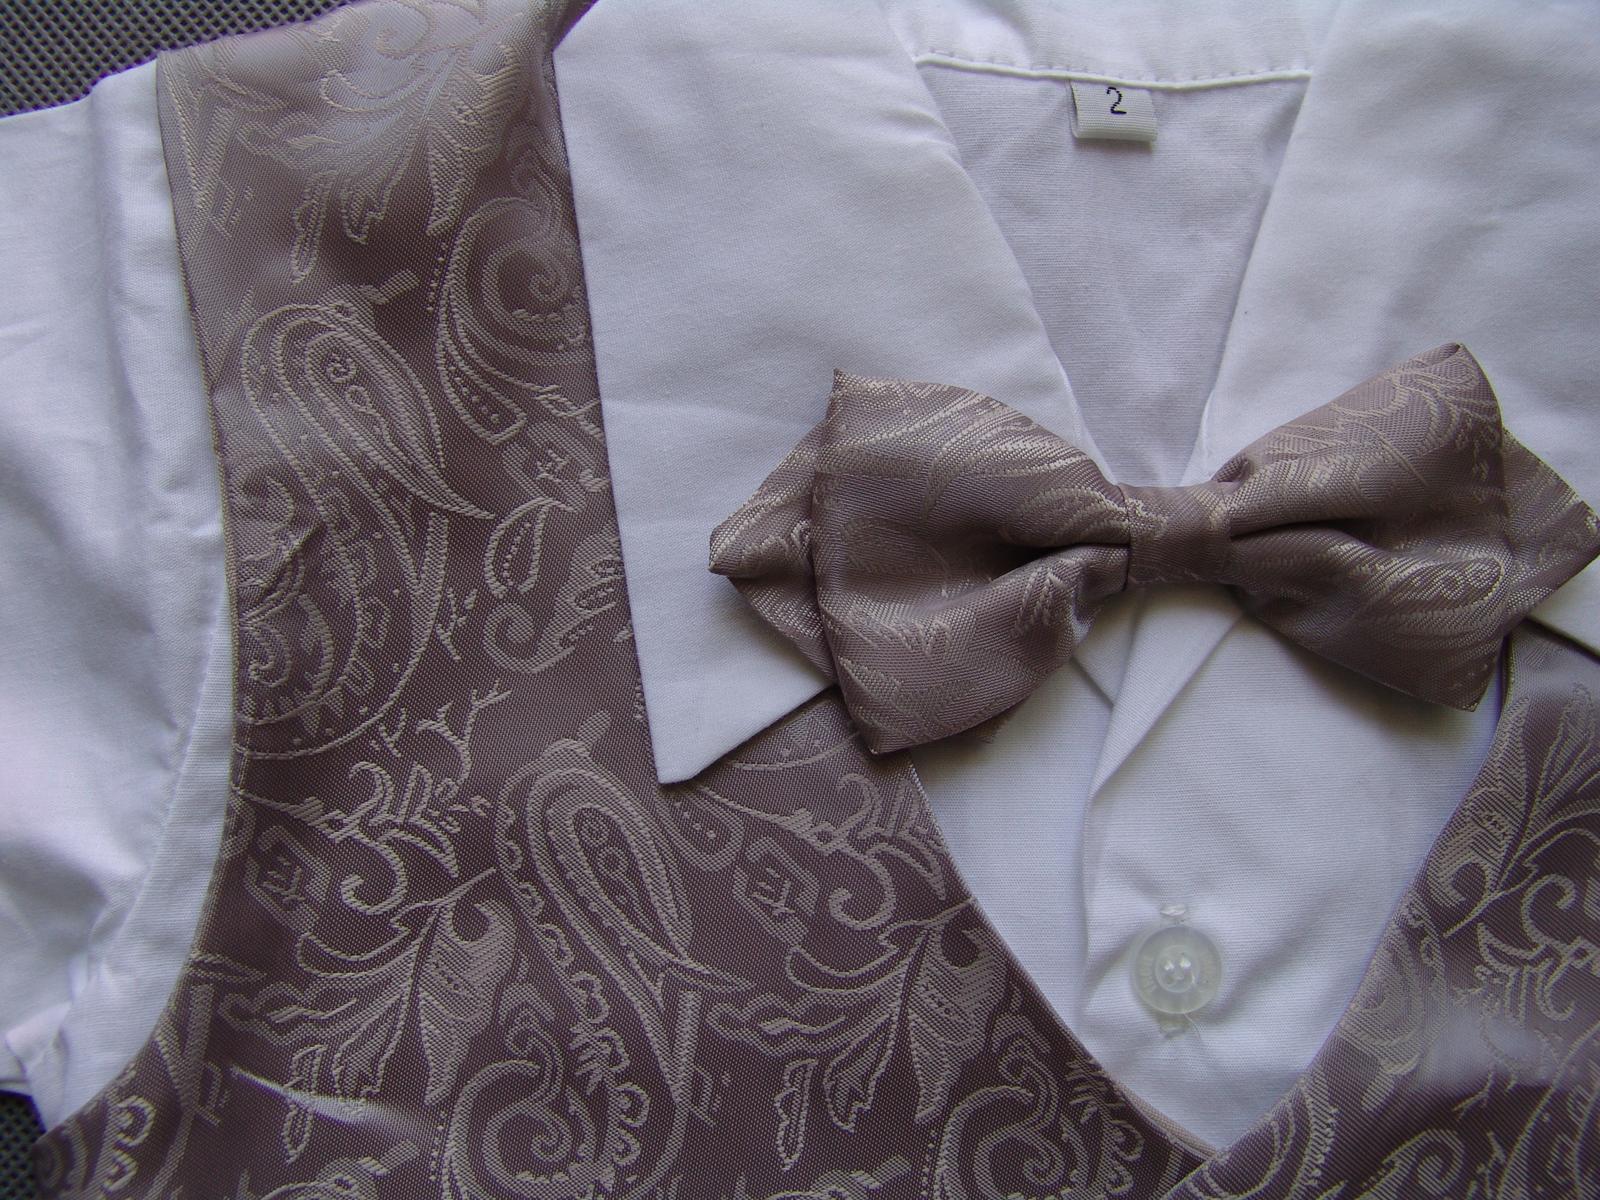 SKLADEM - letní oblek k zapůjčení, 1-2 roky - Obrázek č. 3